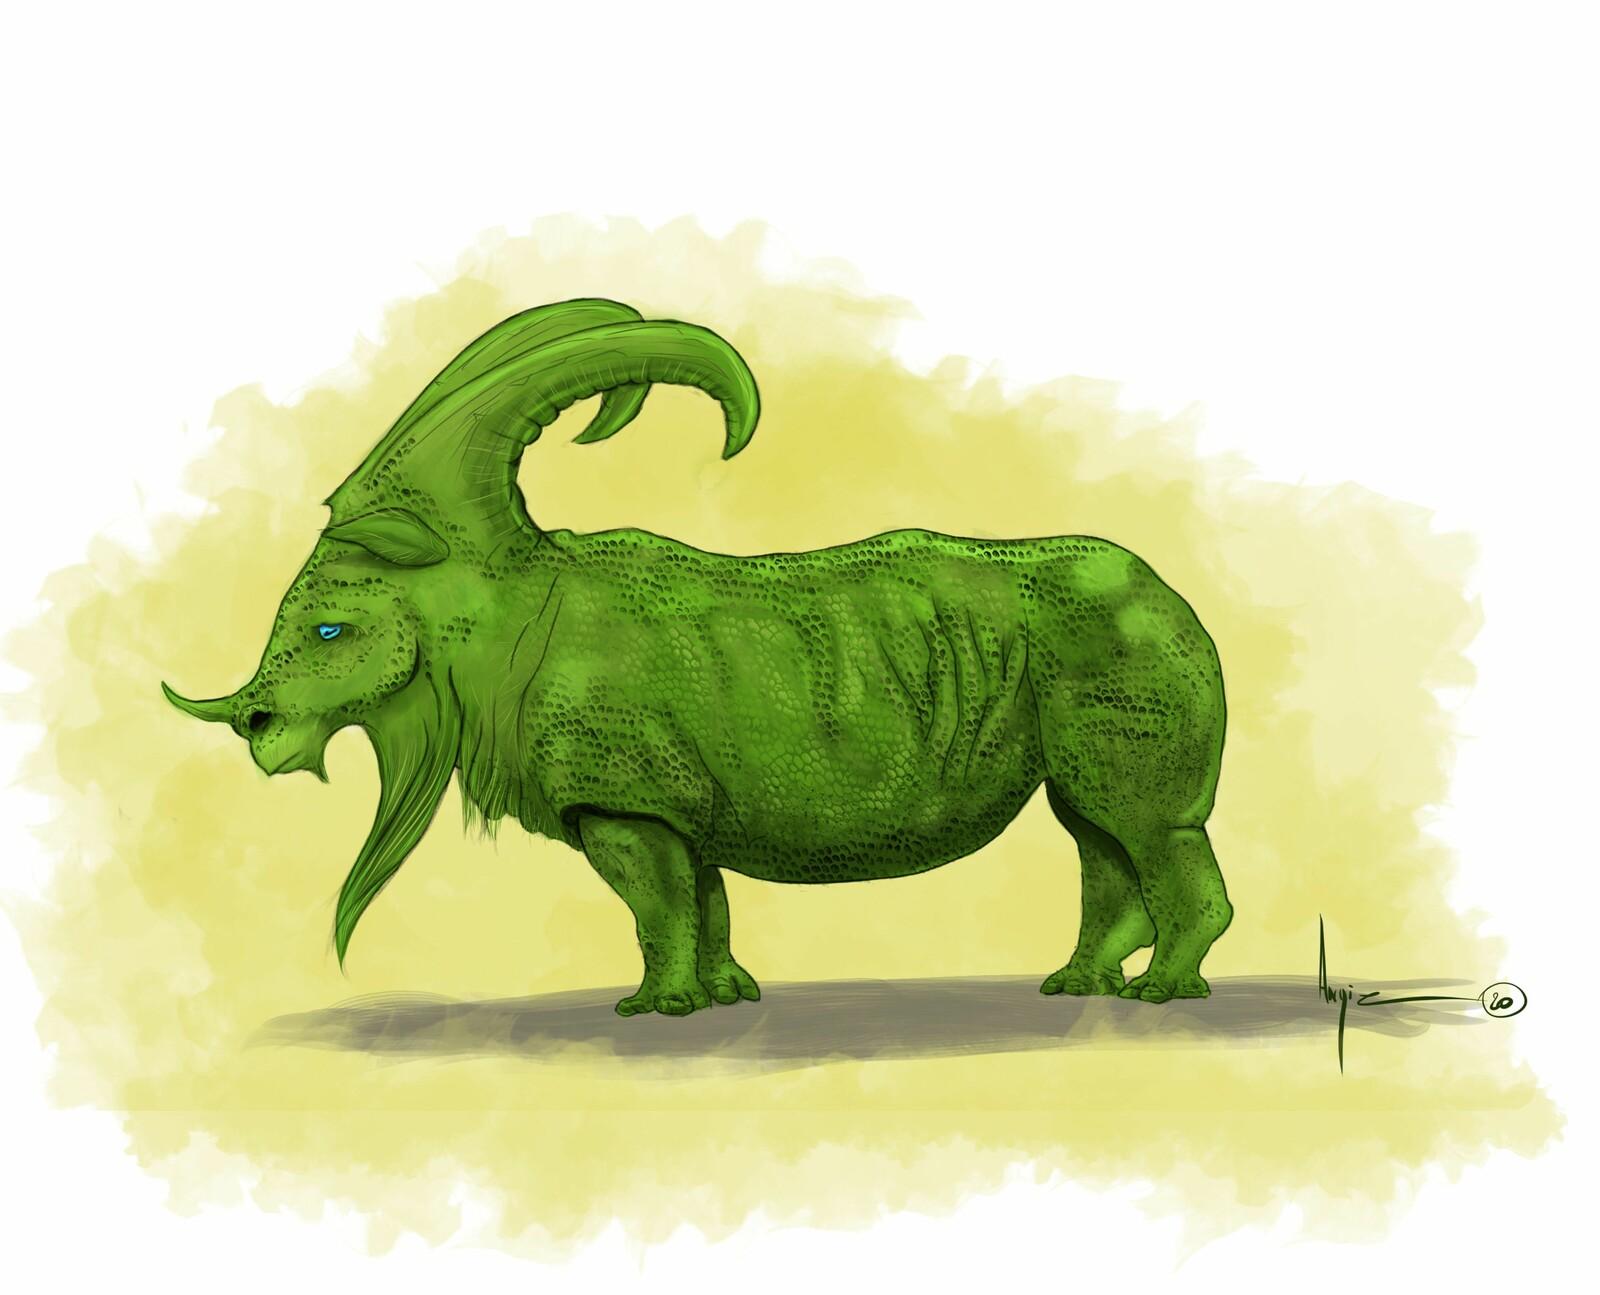 Creatuanary 2020 : Day 5 Rhino Goat